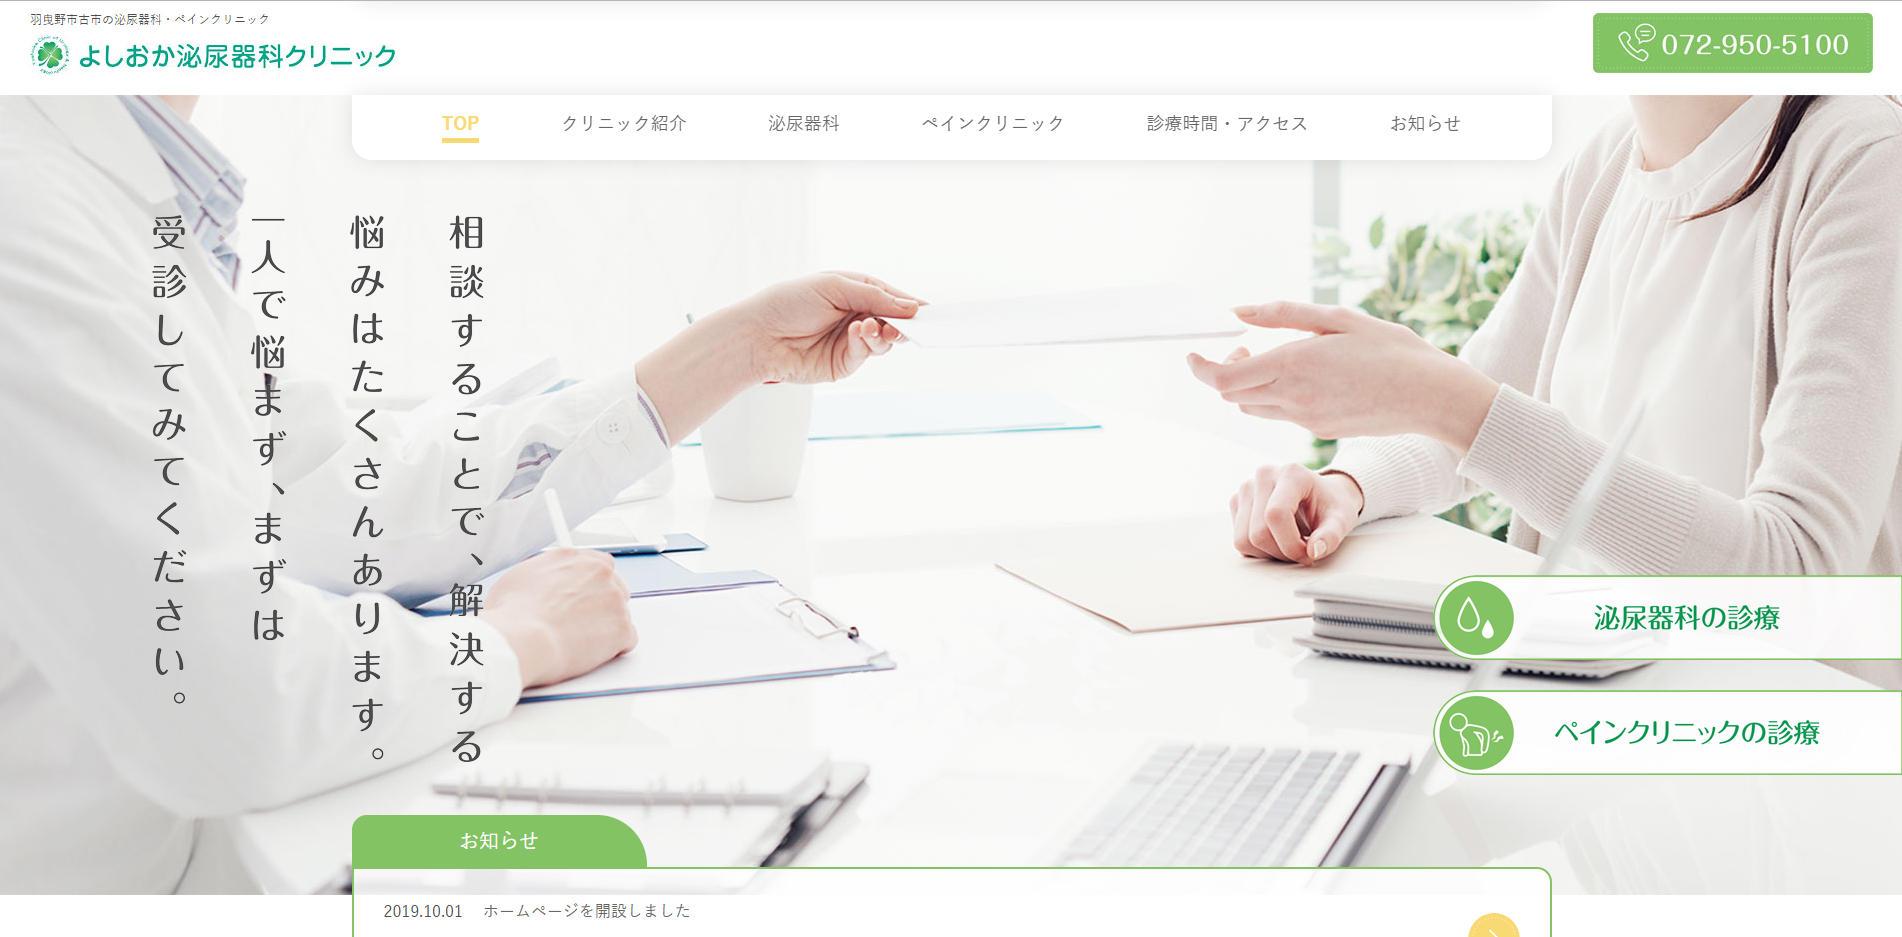 よしおか泌尿器科クリニックホームページ